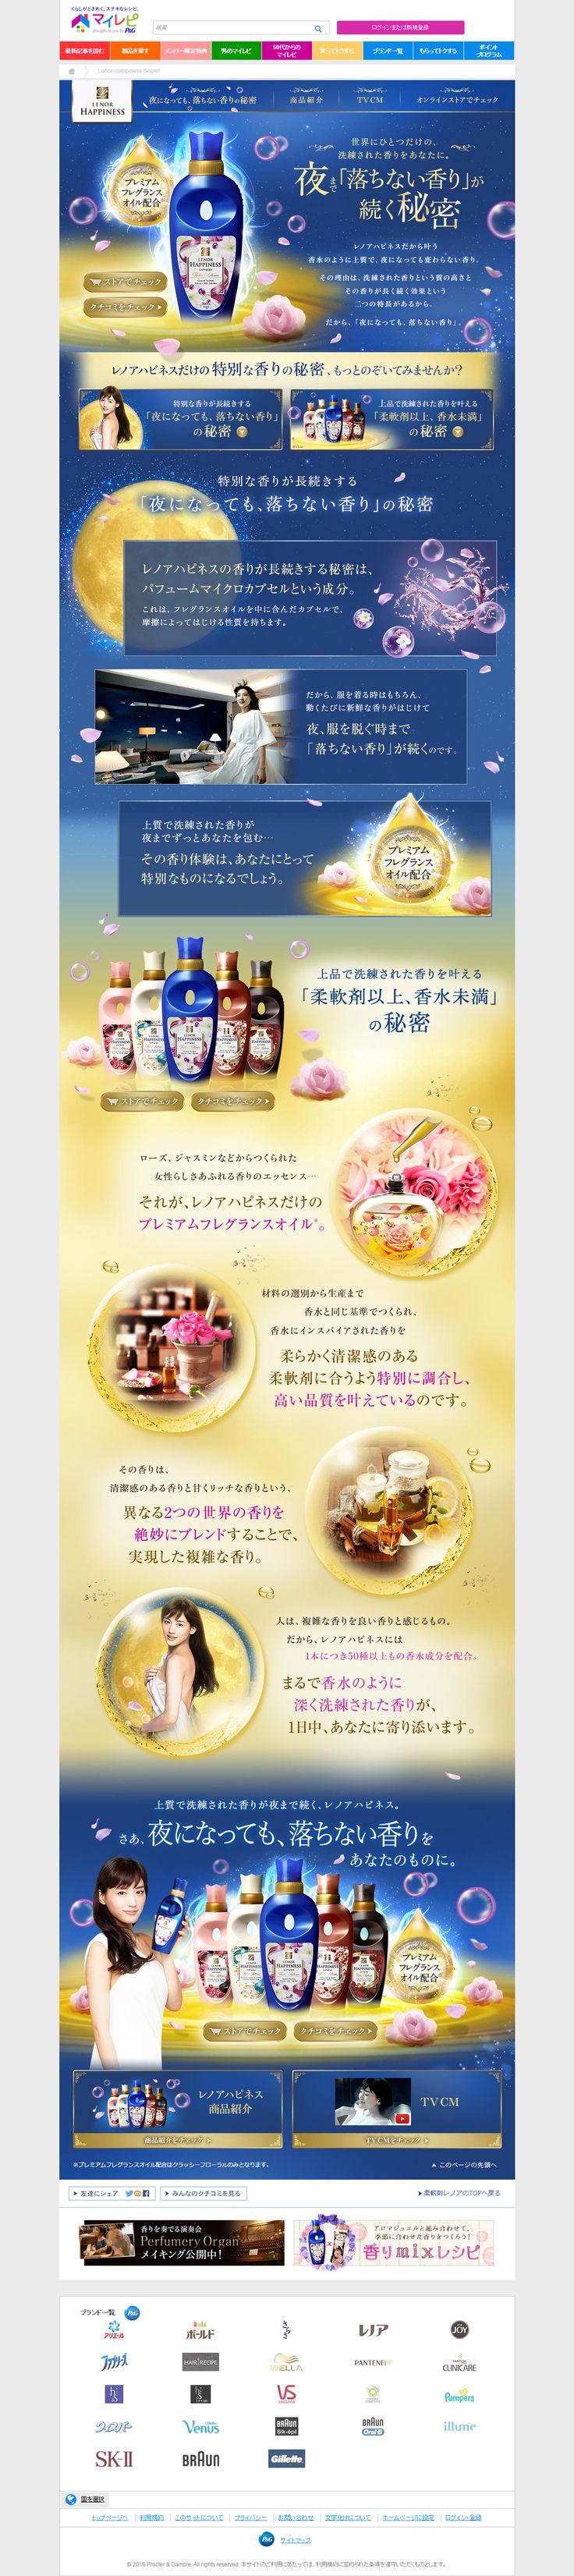 柔軟剤以上、香水未満の香りの秘密|【レノアハピネス】公式サイト